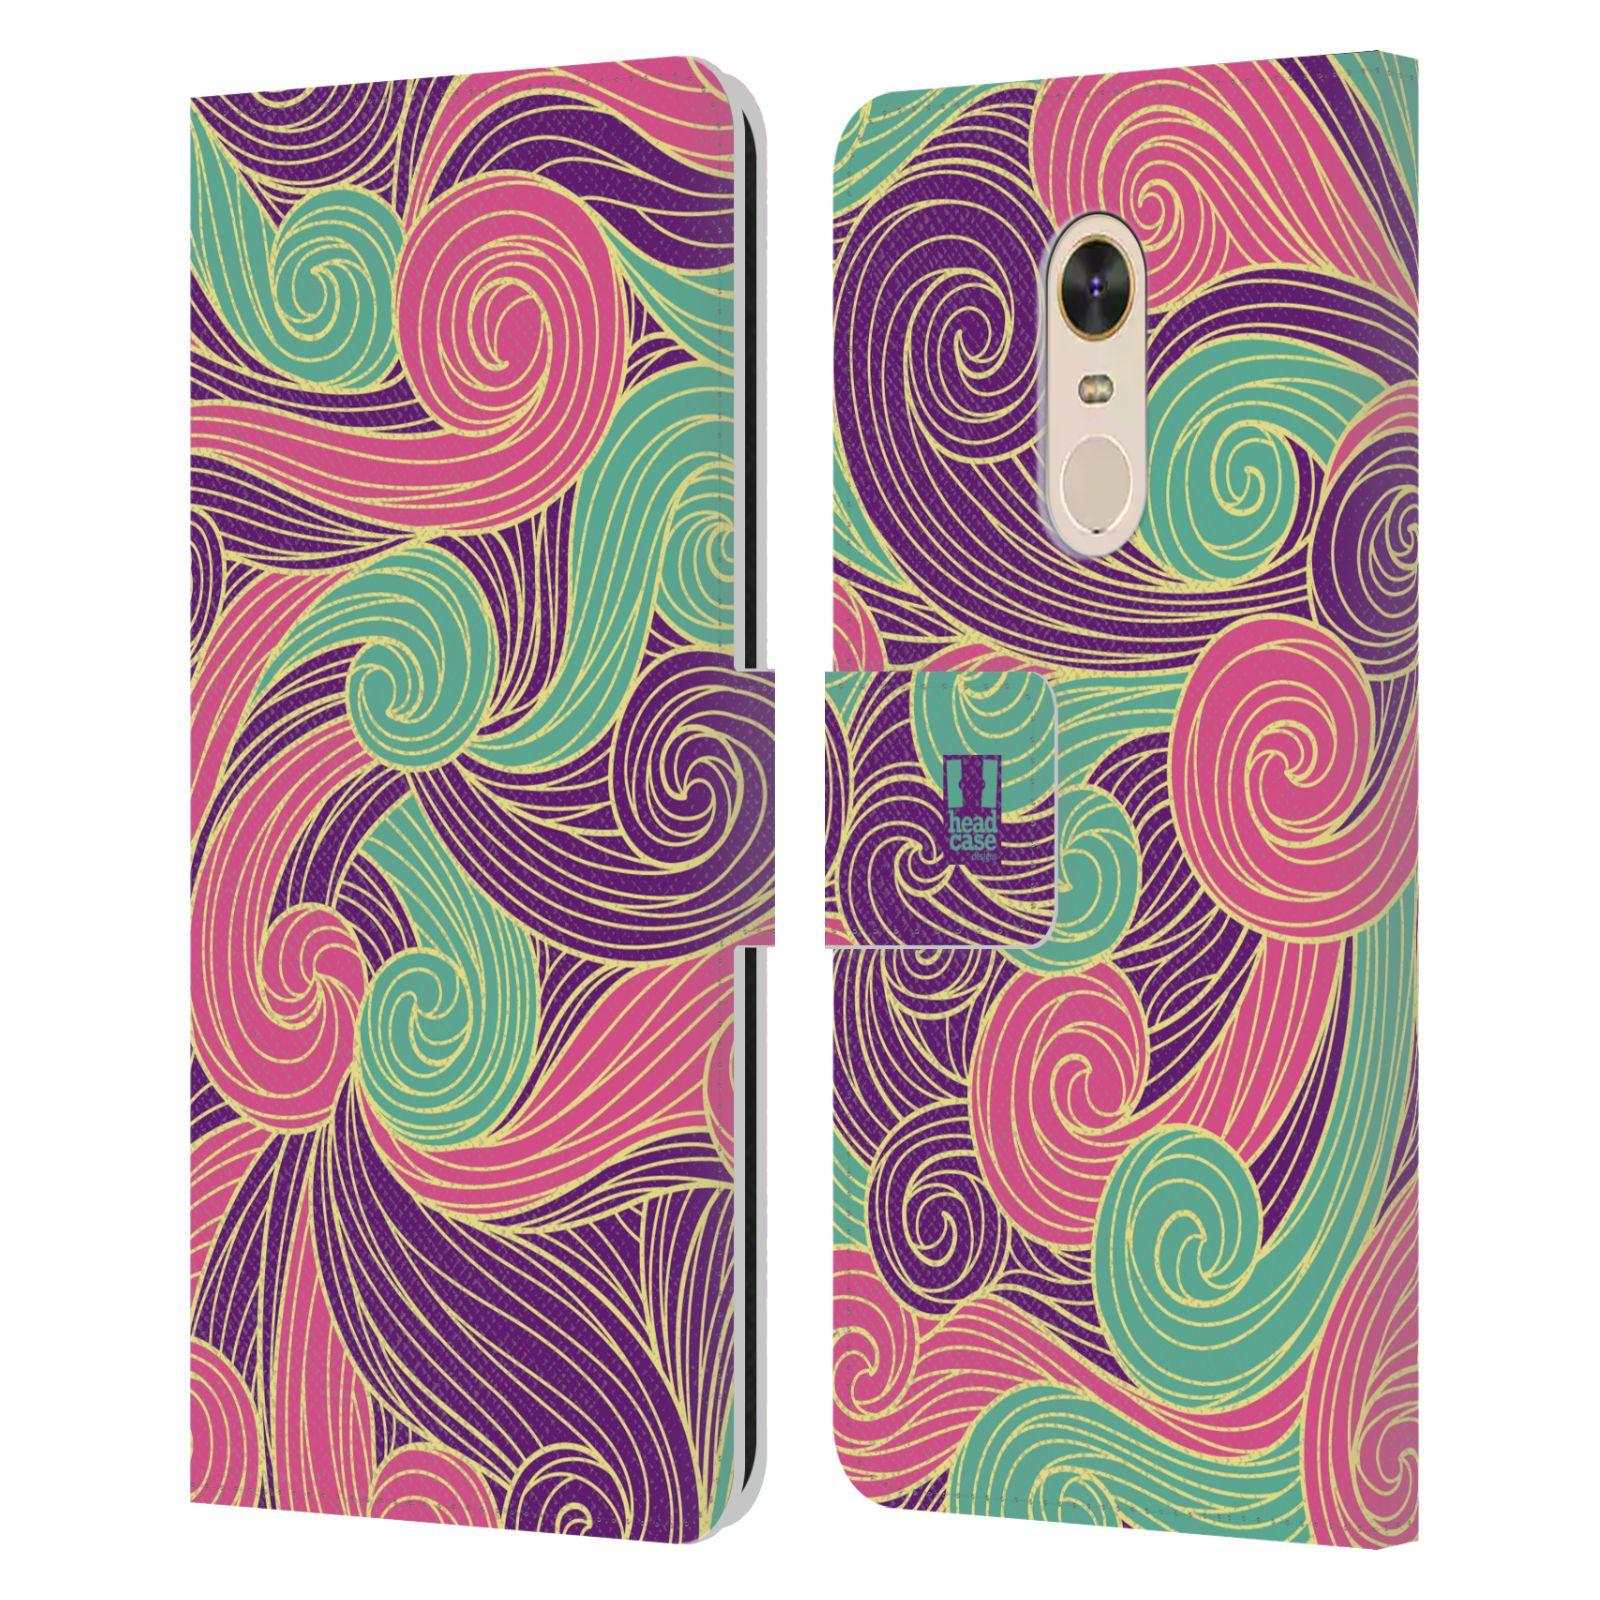 HEAD CASE Flipové pouzdro pro mobil Xiaomi Redmi Note 5 barevné vlny růžová a fialová